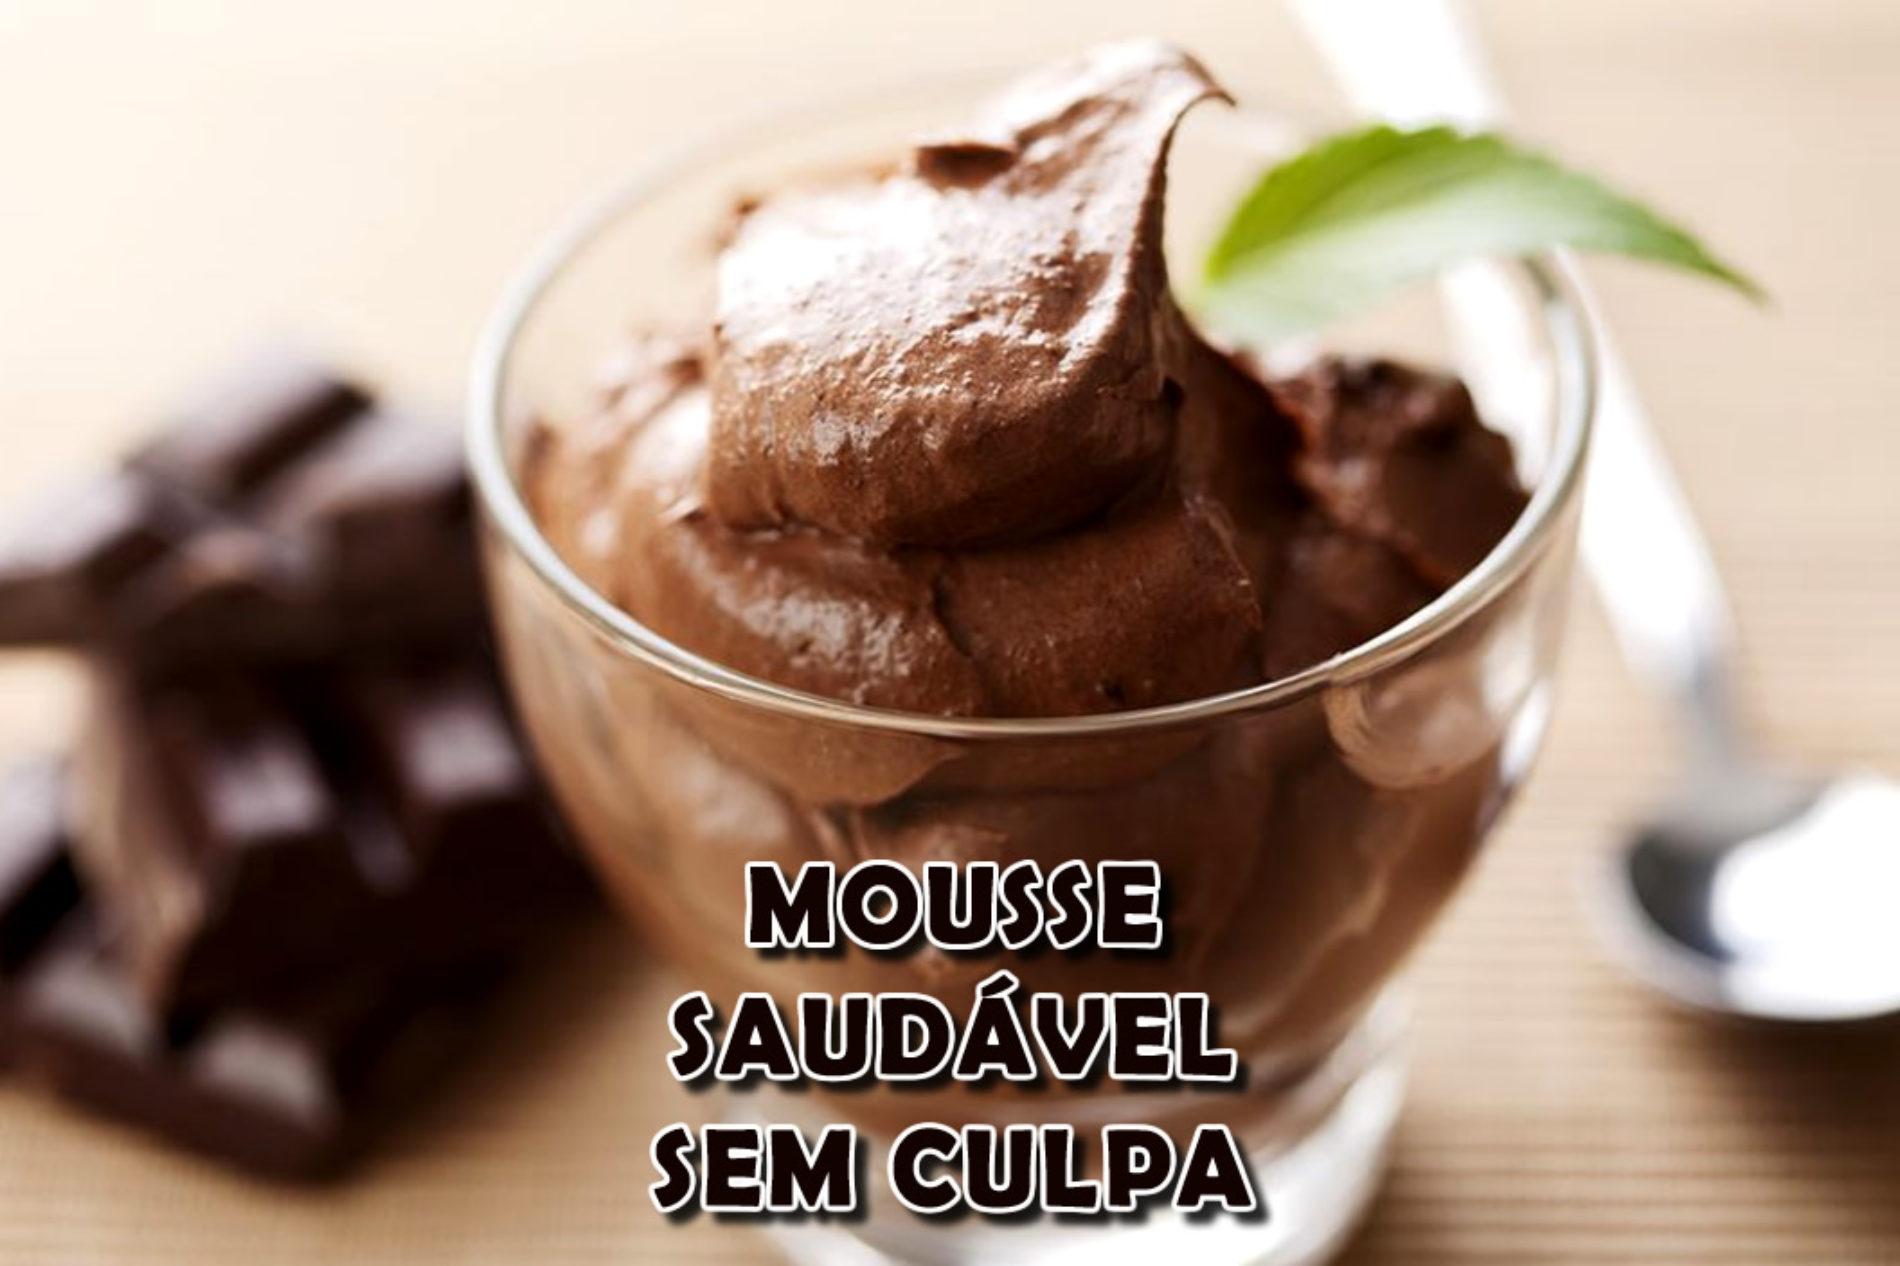 Mousse de Chocolate saudável com chá de cardamomo